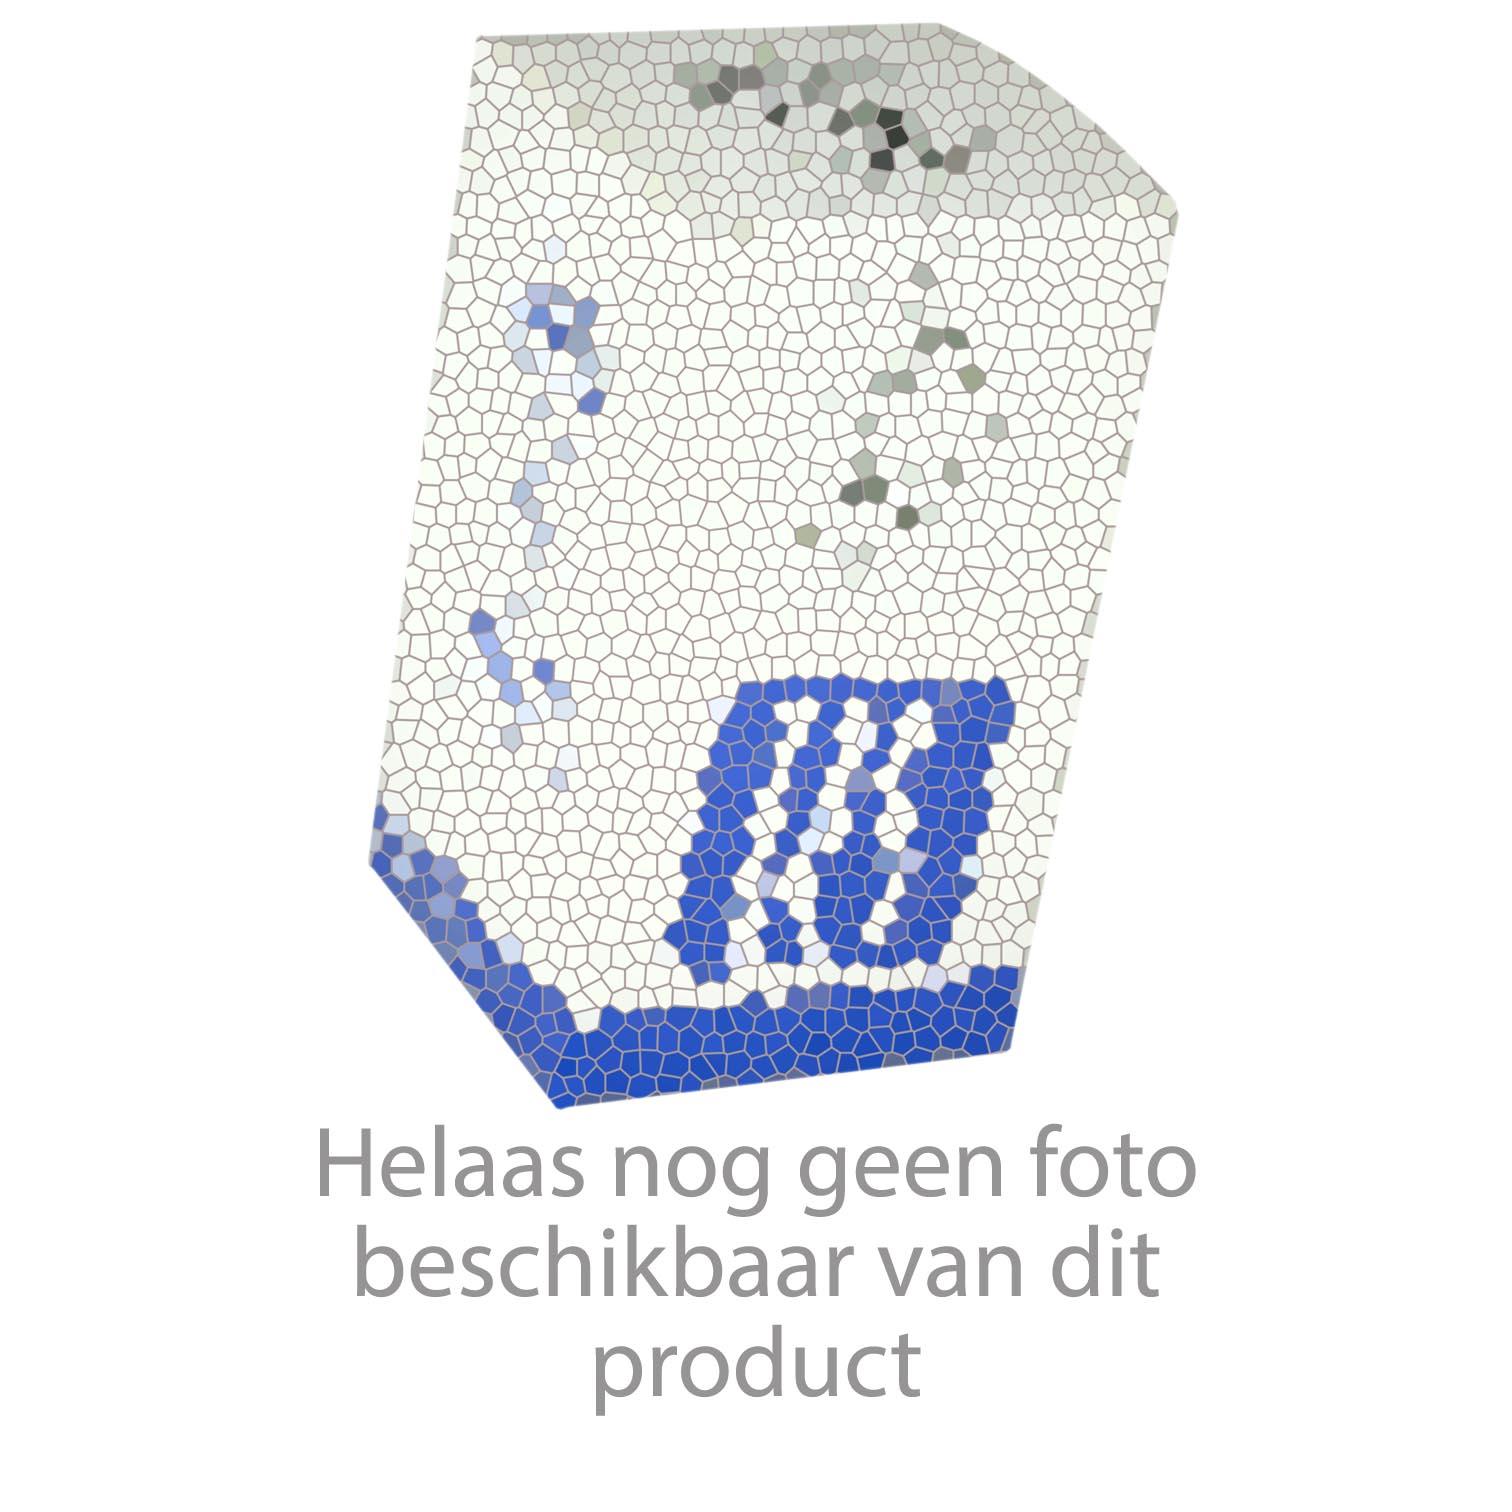 Gessi geverdeel zeeppomp oxygene inox Artikel R1256.149